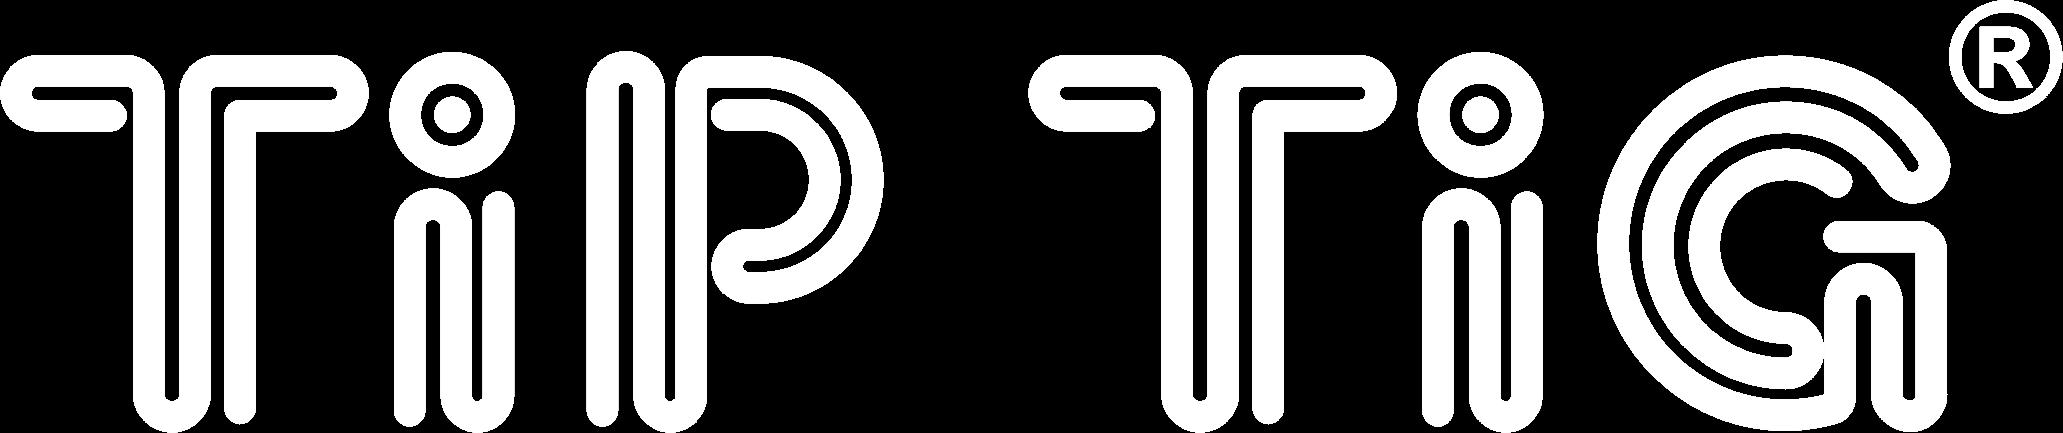 TIPTIG welders schweisstechnik